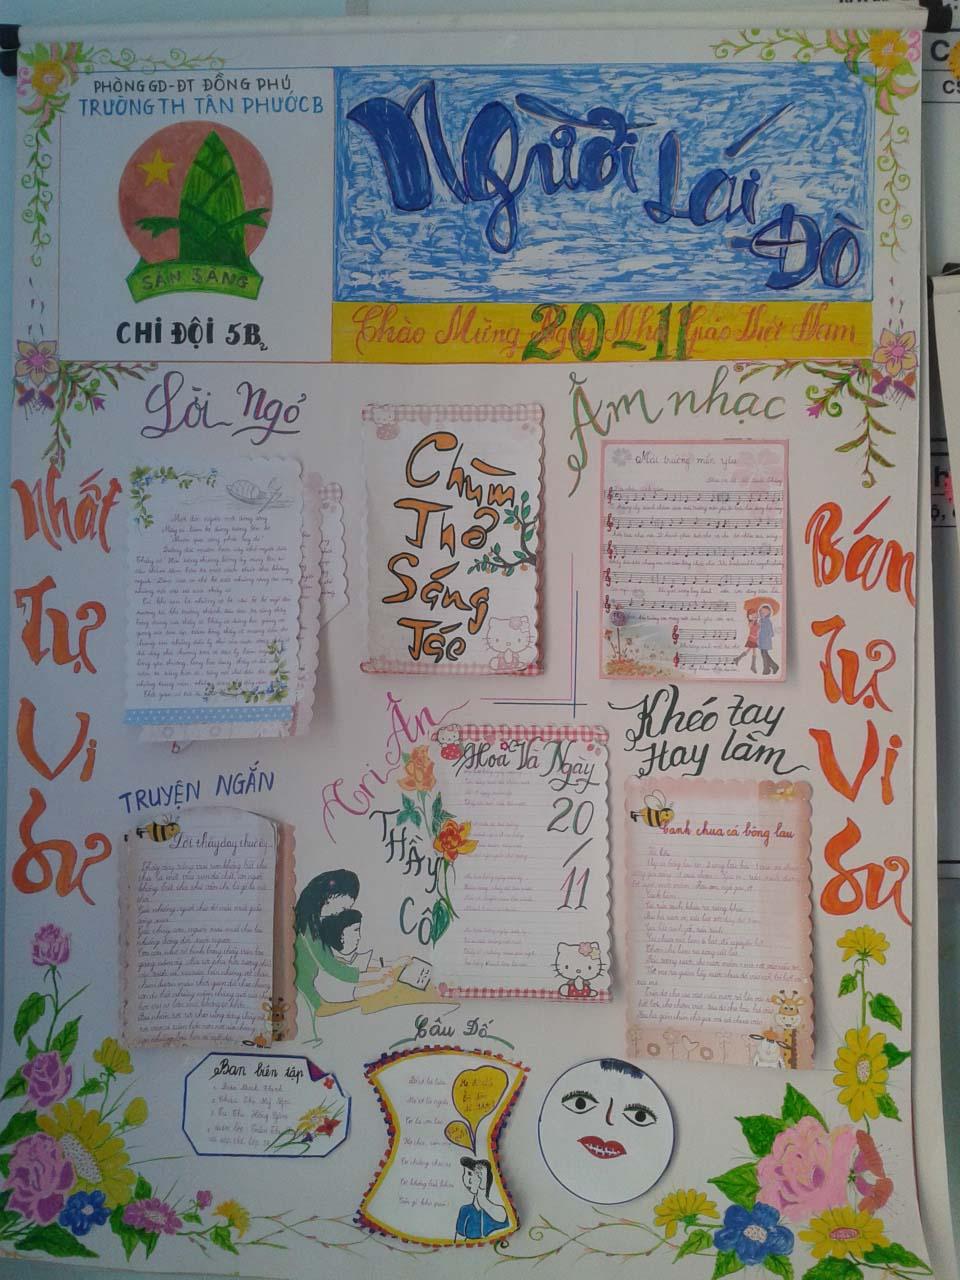 Báo tường đẹp tặng thầy cô ngày 20-11